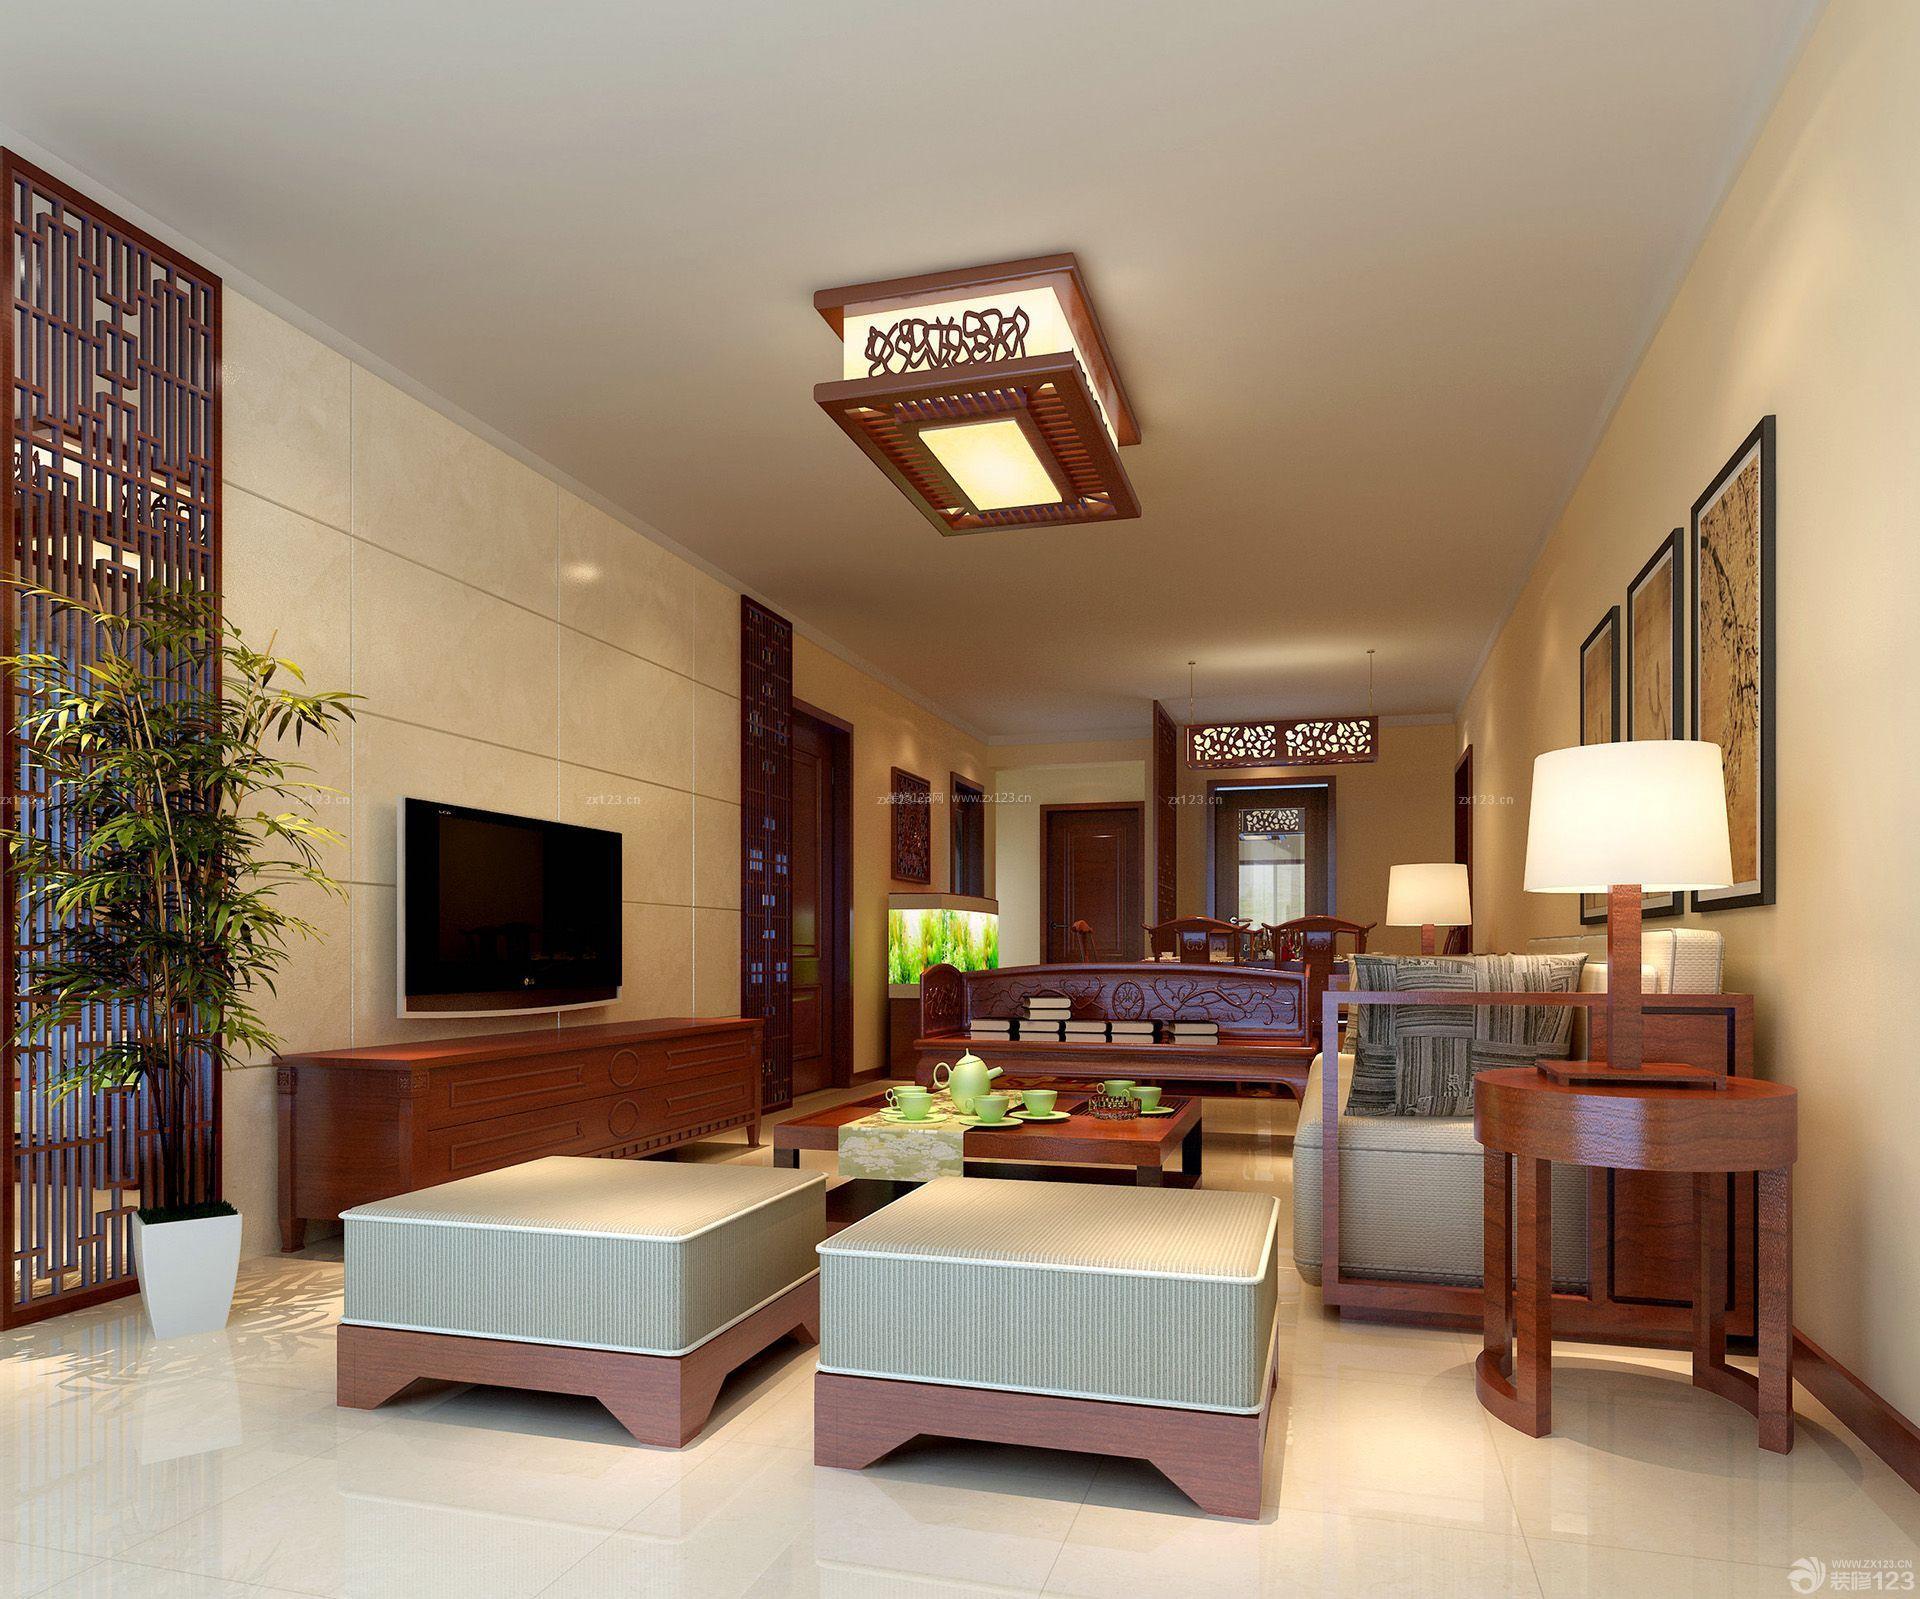 中式140平米的房子红木客厅装修效果图